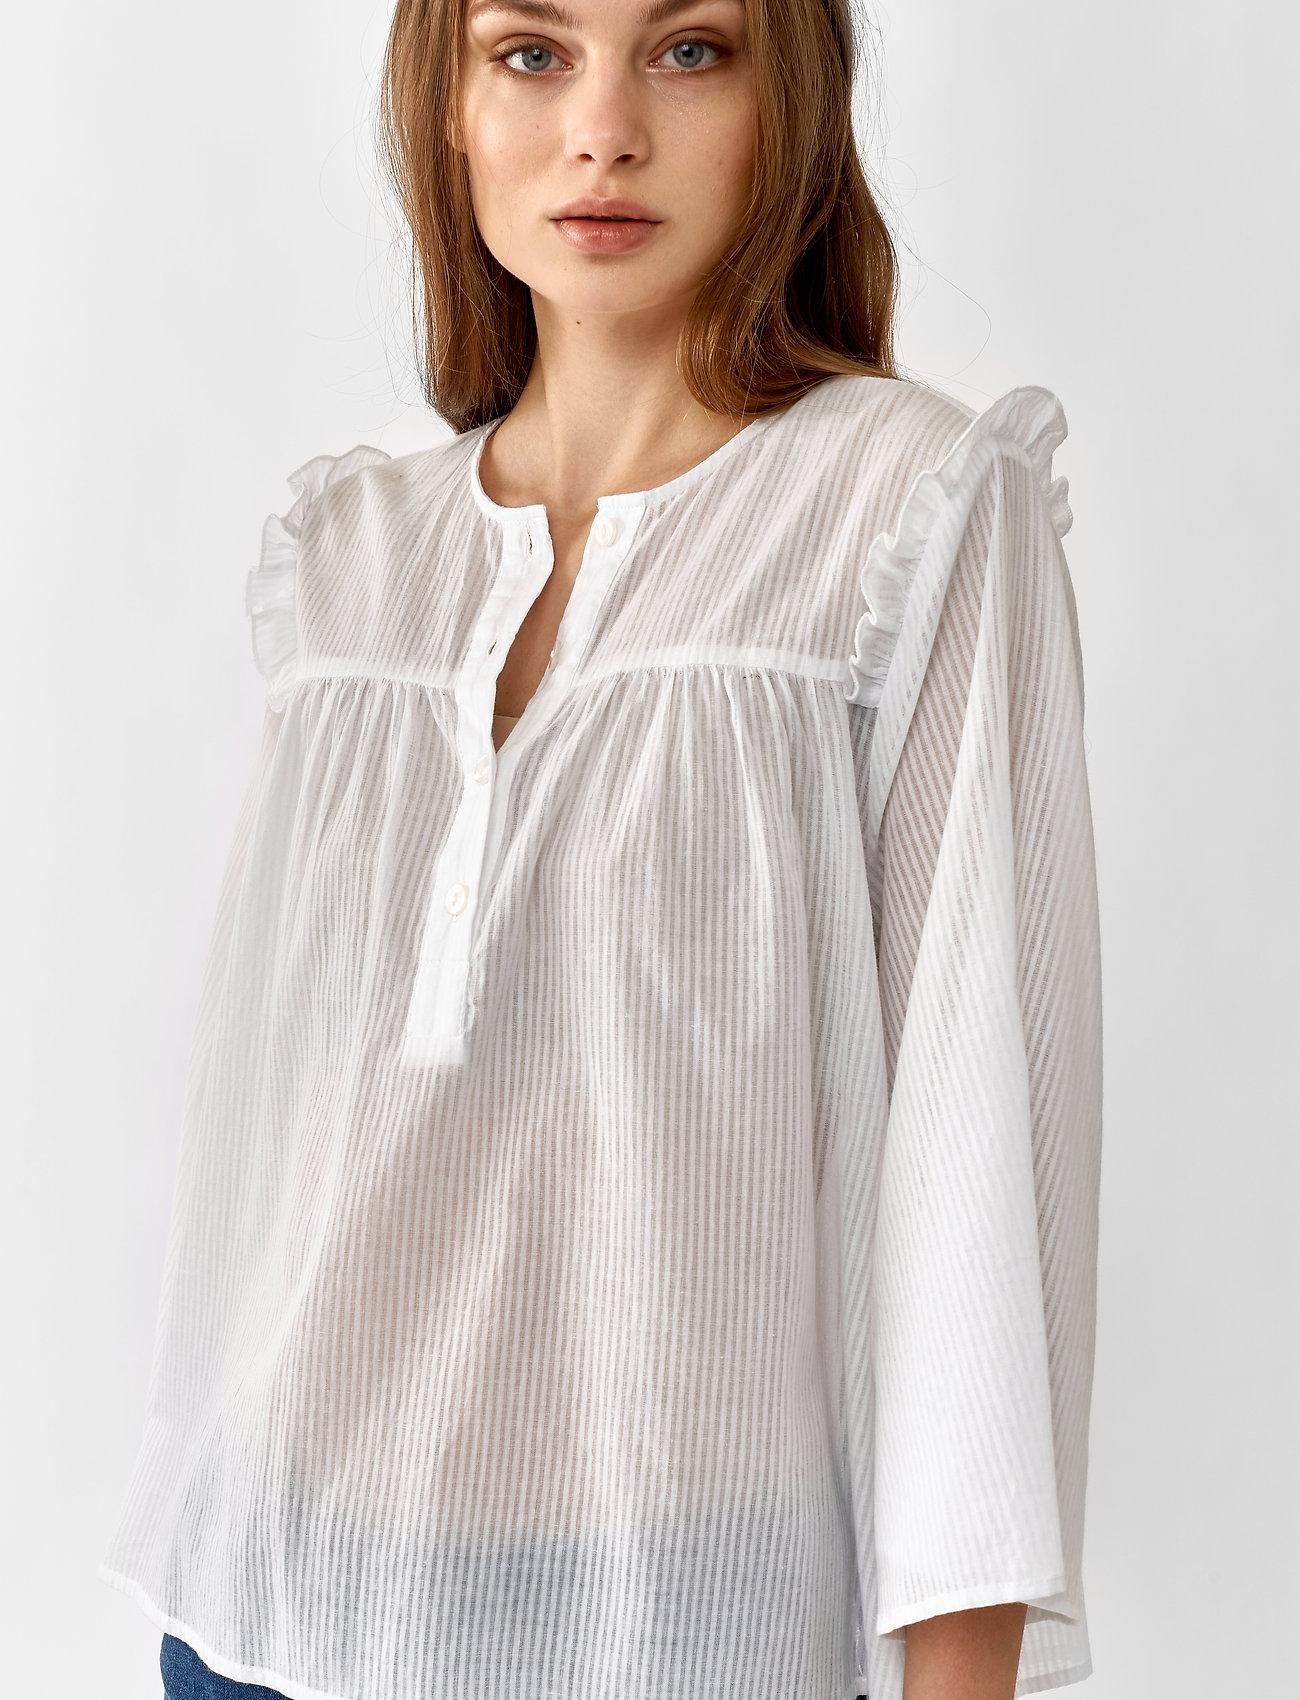 Twist & Tango Kristin Blouse - Bluzki & Koszule WHITE - Kobiety Odzież.